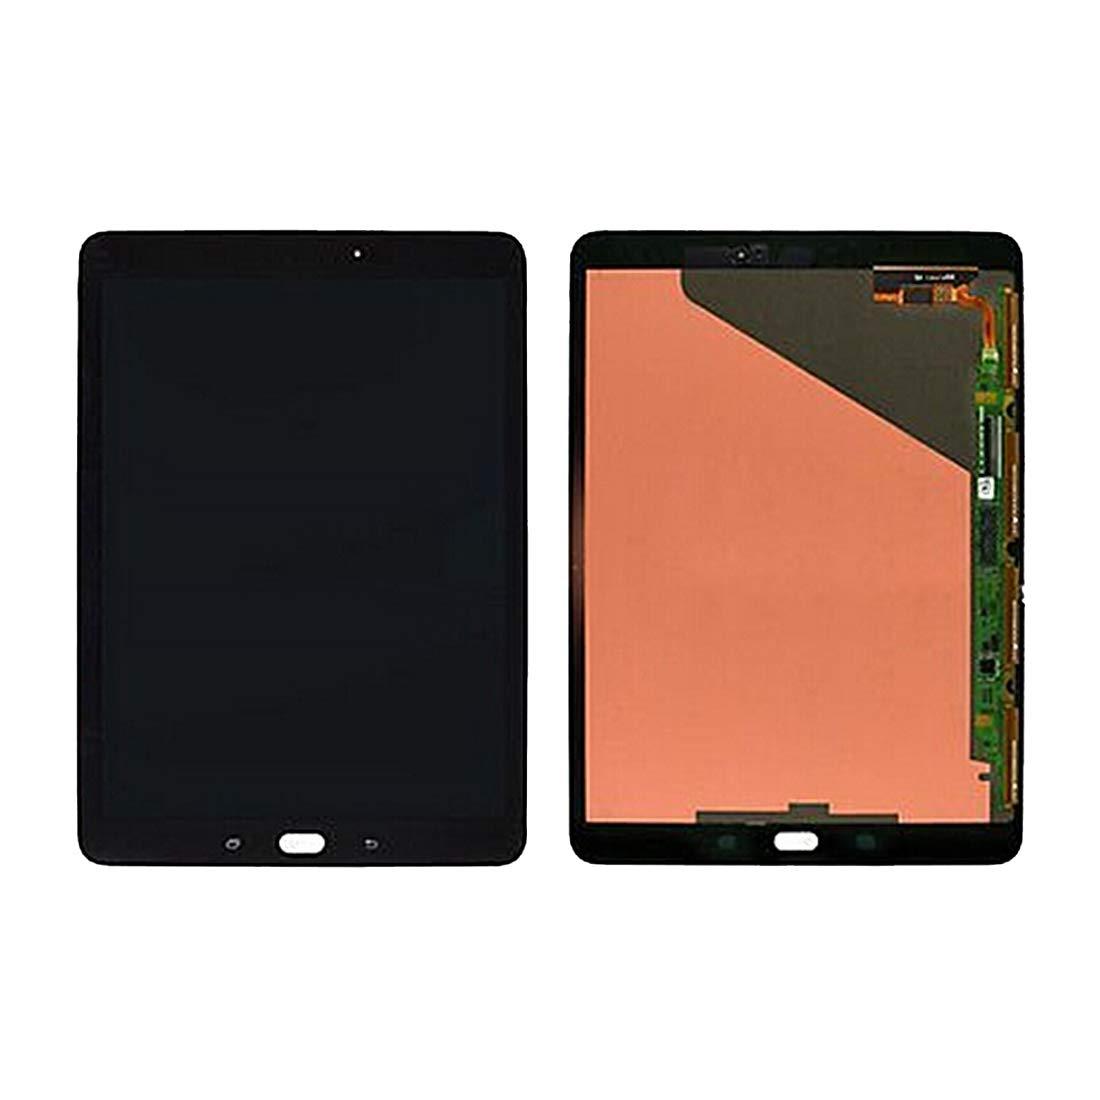 スペシャルオファ 修理用フロントパネル(フロントガラスデジタイザ)タッチパネル Lcd液晶パネルセット B07N64D9GF Galaxy 9.7 Tab S2 9.7/ Black) T815/ T810 LCDスクリーンとデジタイザーフルアセンブリ(黒) (色 : Black) Black B07N64D9GF, 星野村:4947ab2d --- senas.4x4.lt